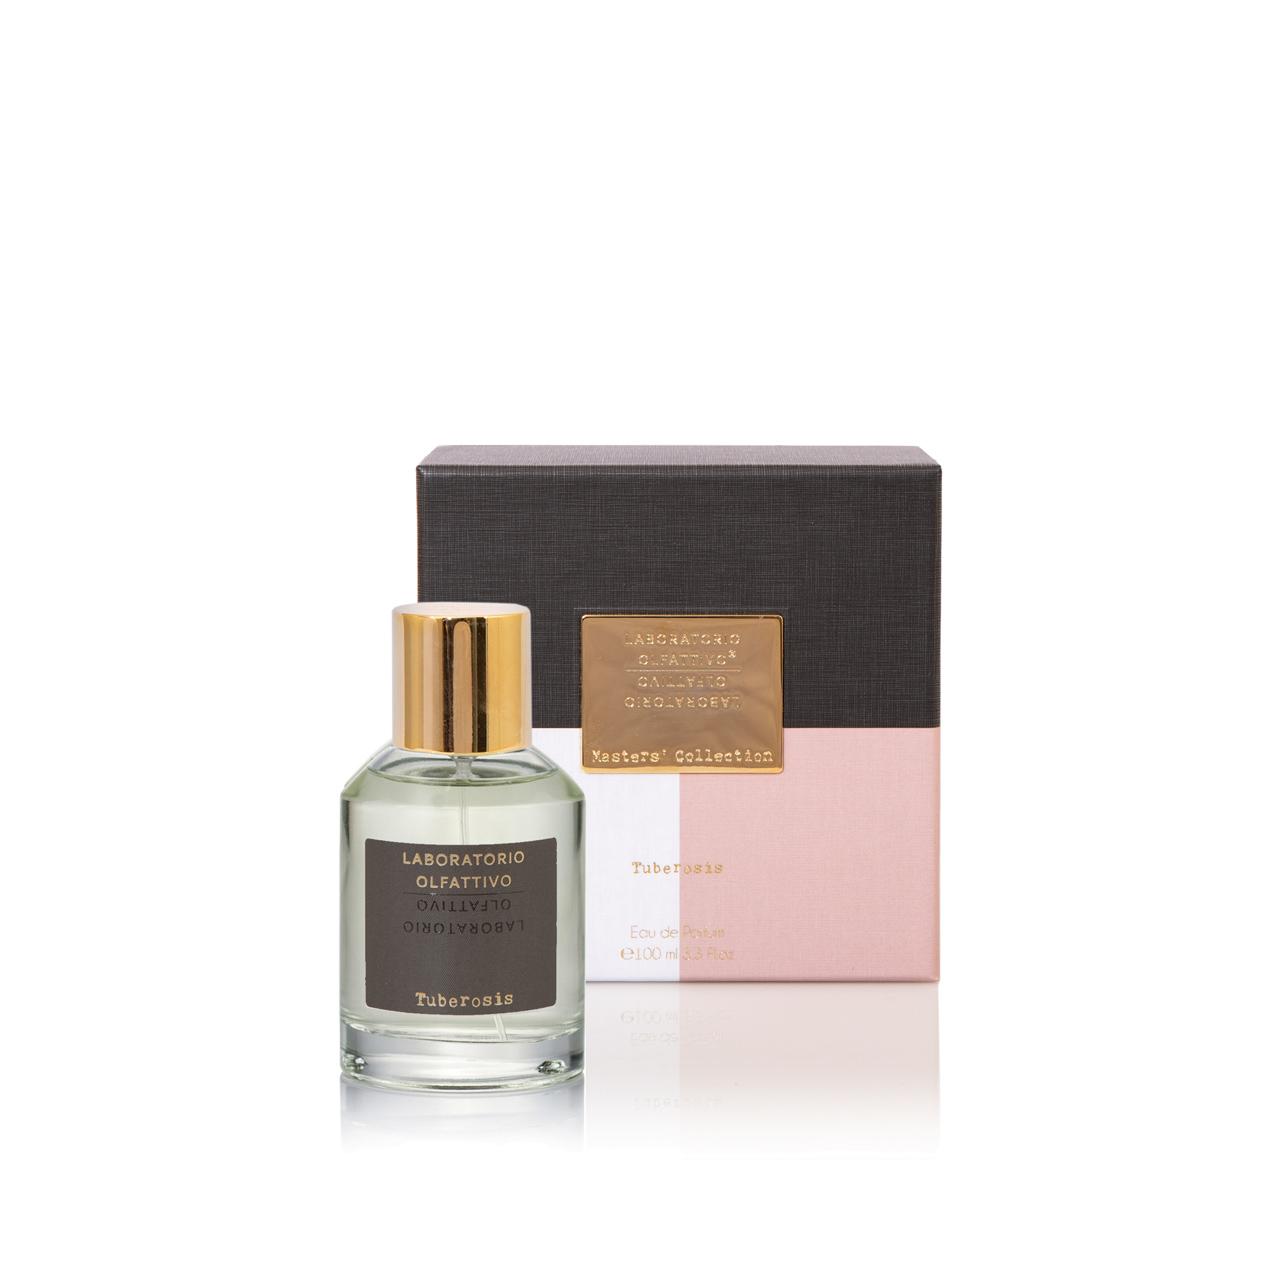 Tuberosis - Eau de Parfum